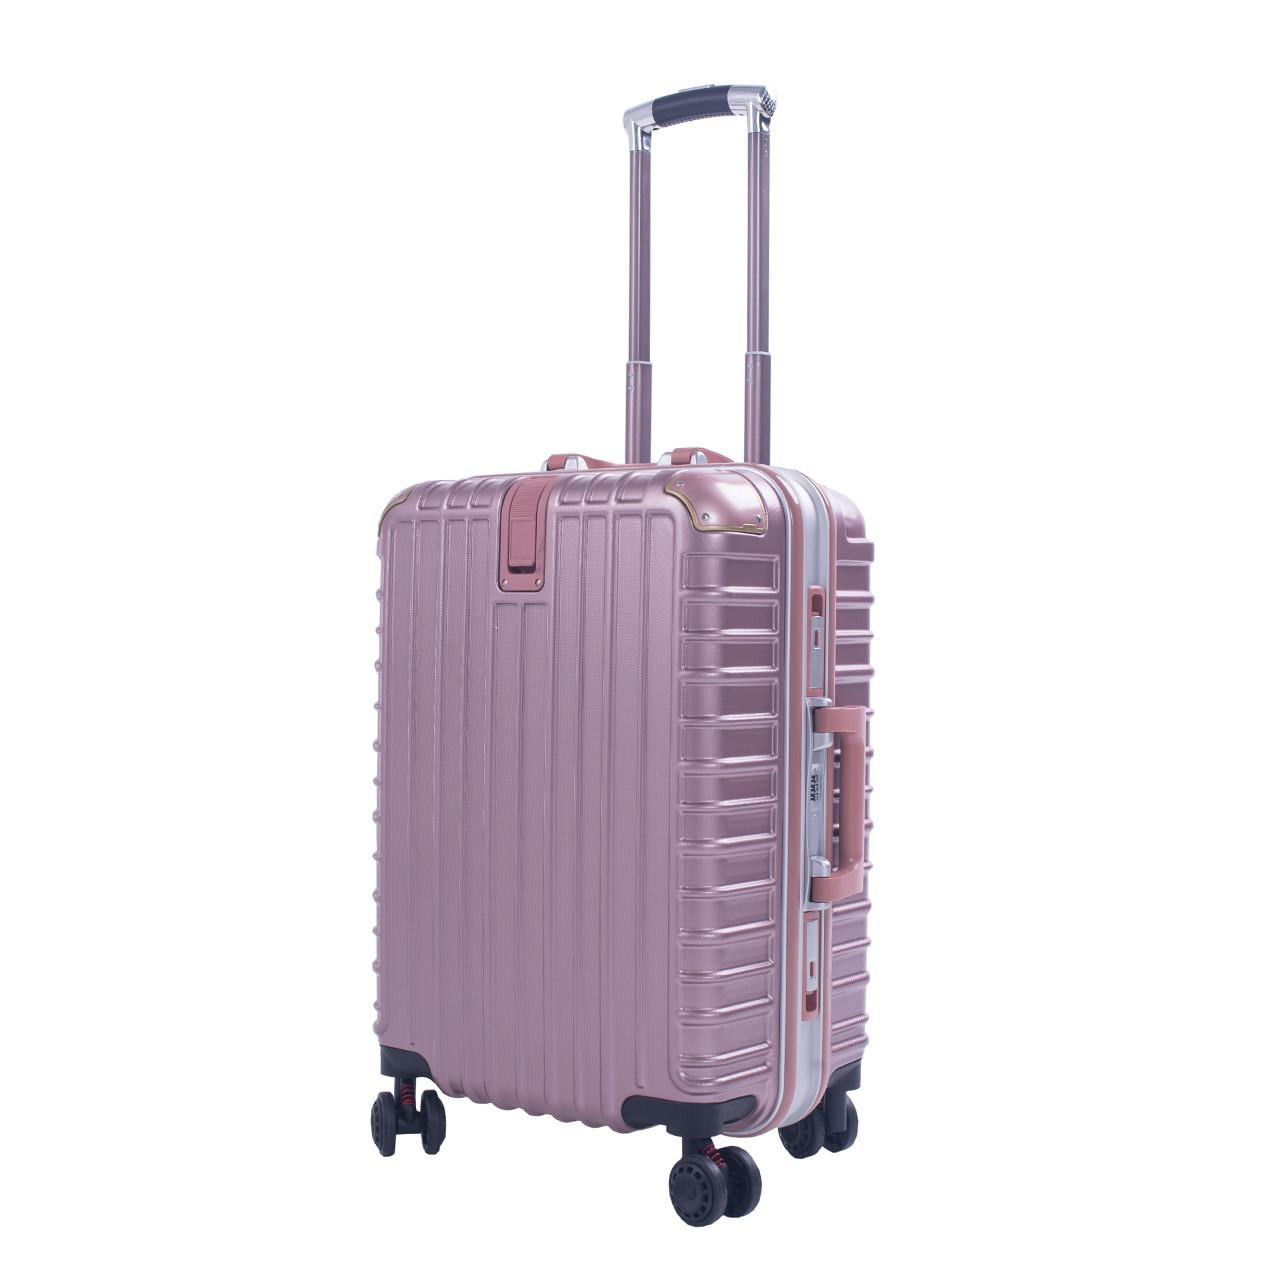 Чемодан 4 колеса Baghouse пластиковый 39х55х27, цвет розовый кс801мроз